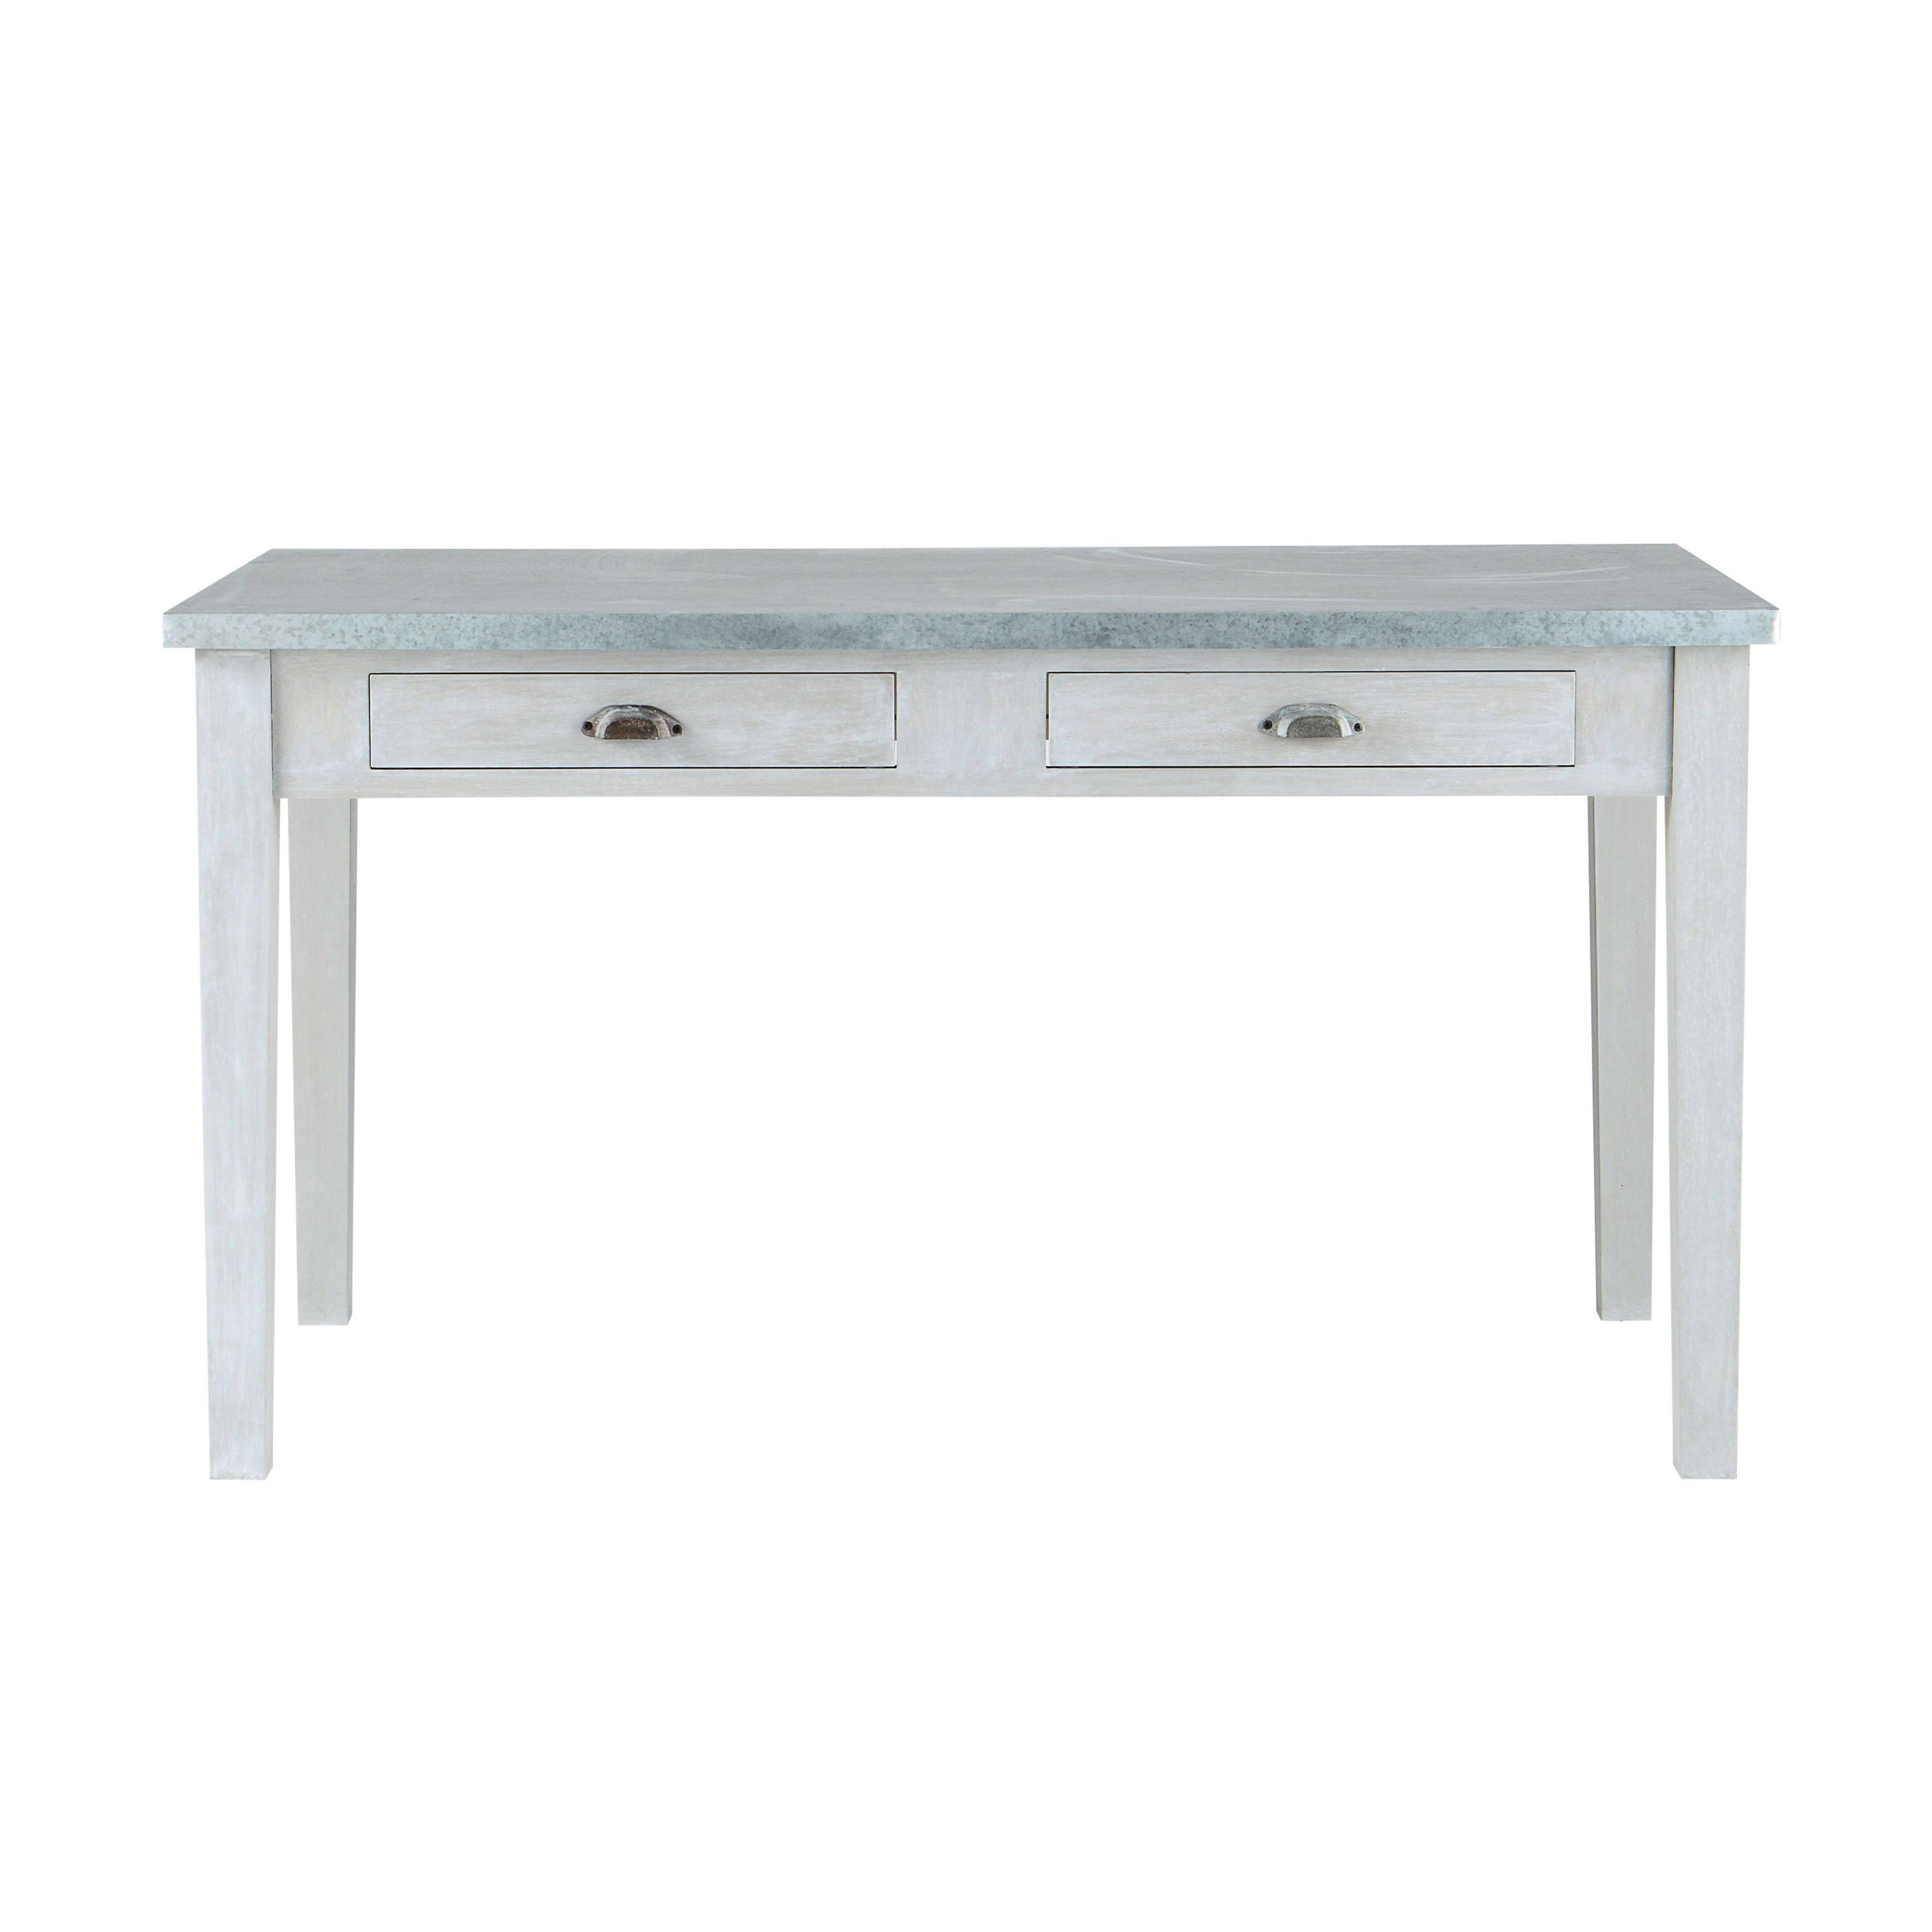 ameublementTableDining et et bureauxDéco table et Tables table ameublementTableDining Tables ameublementTableDining bureauxDéco Tables bureauxDéco 3J1TKuFcl